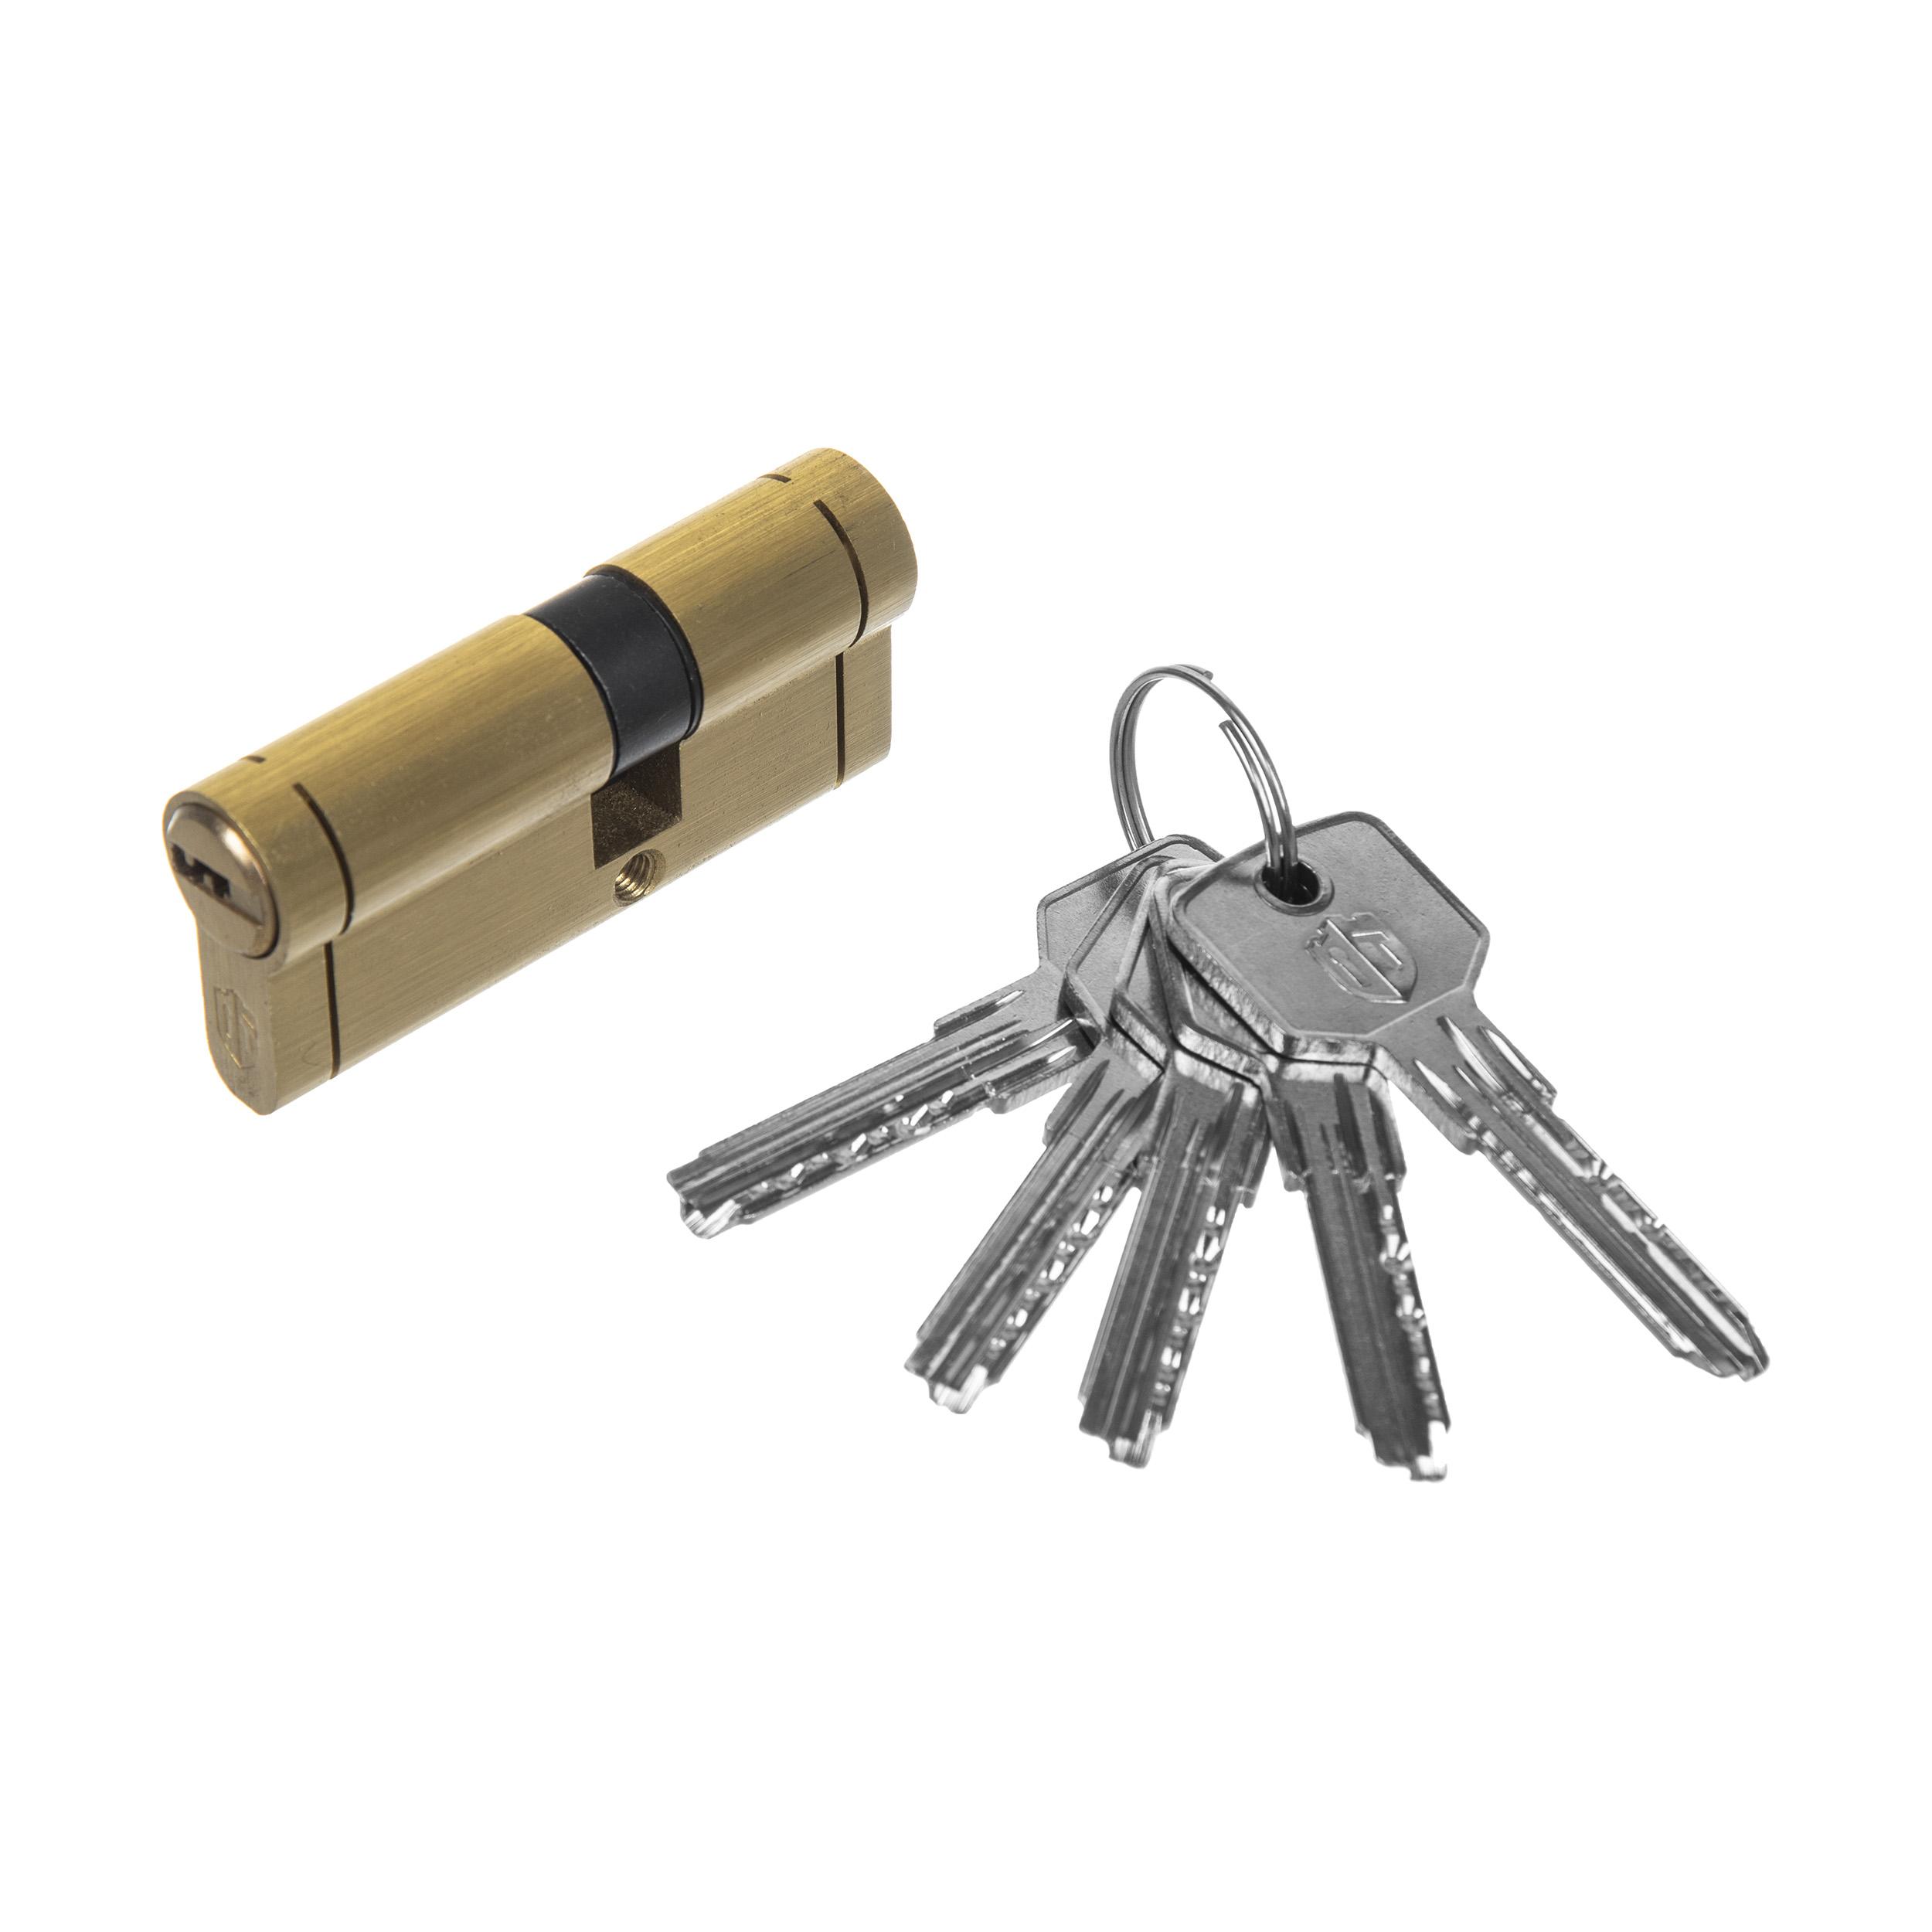 سیلندر قفل تنسر مدل TL-1221-70